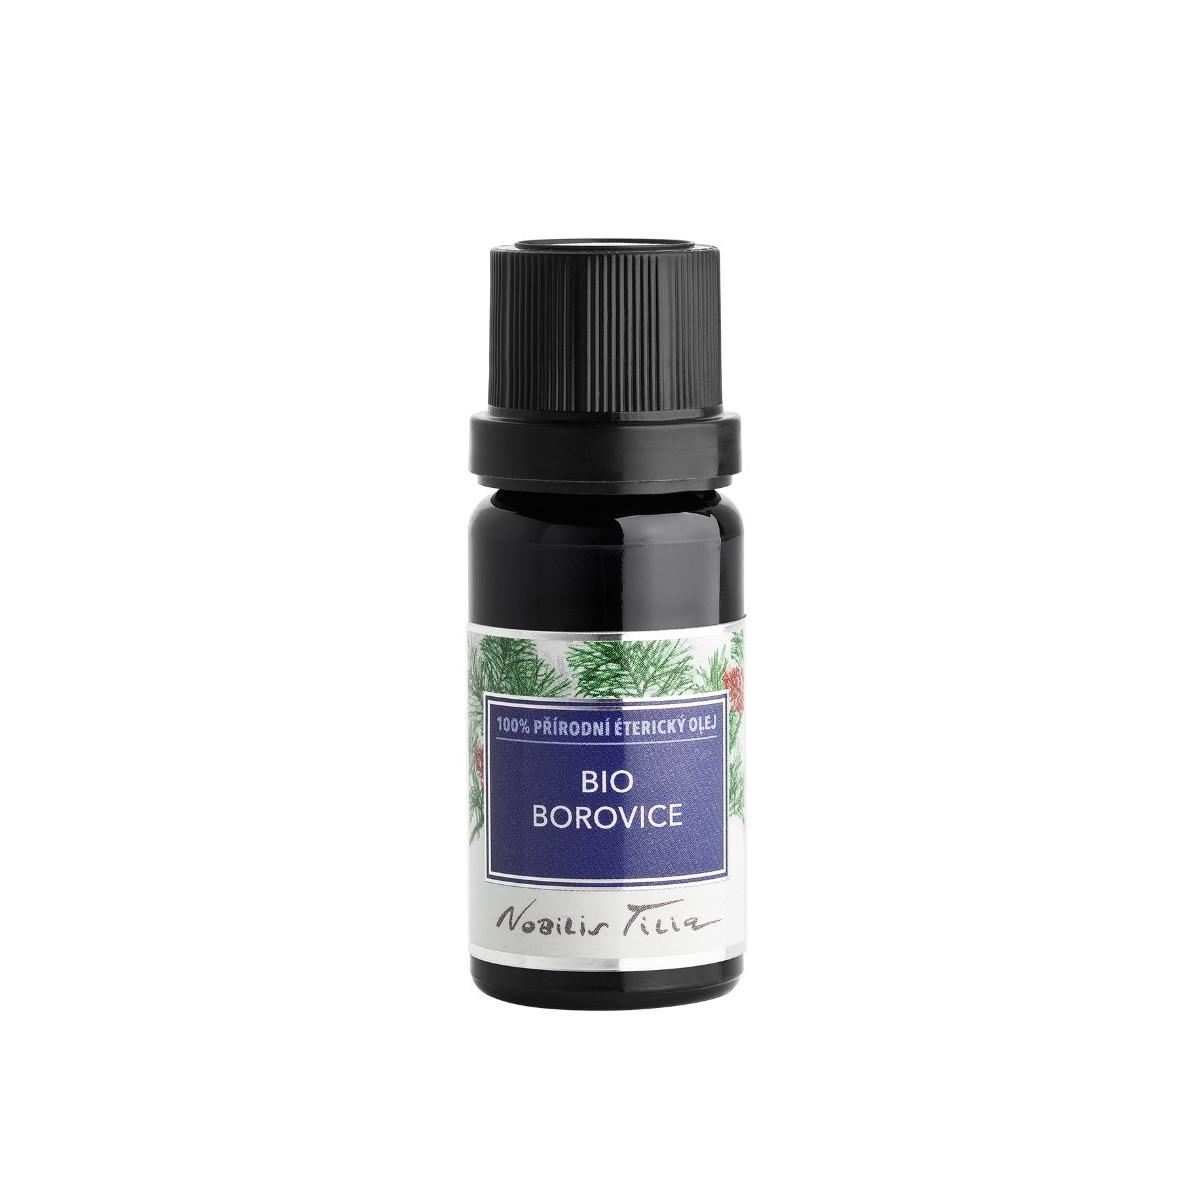 Nobilis Tilia Bio Borovice, 100% přírodní éterický olej 10 ml